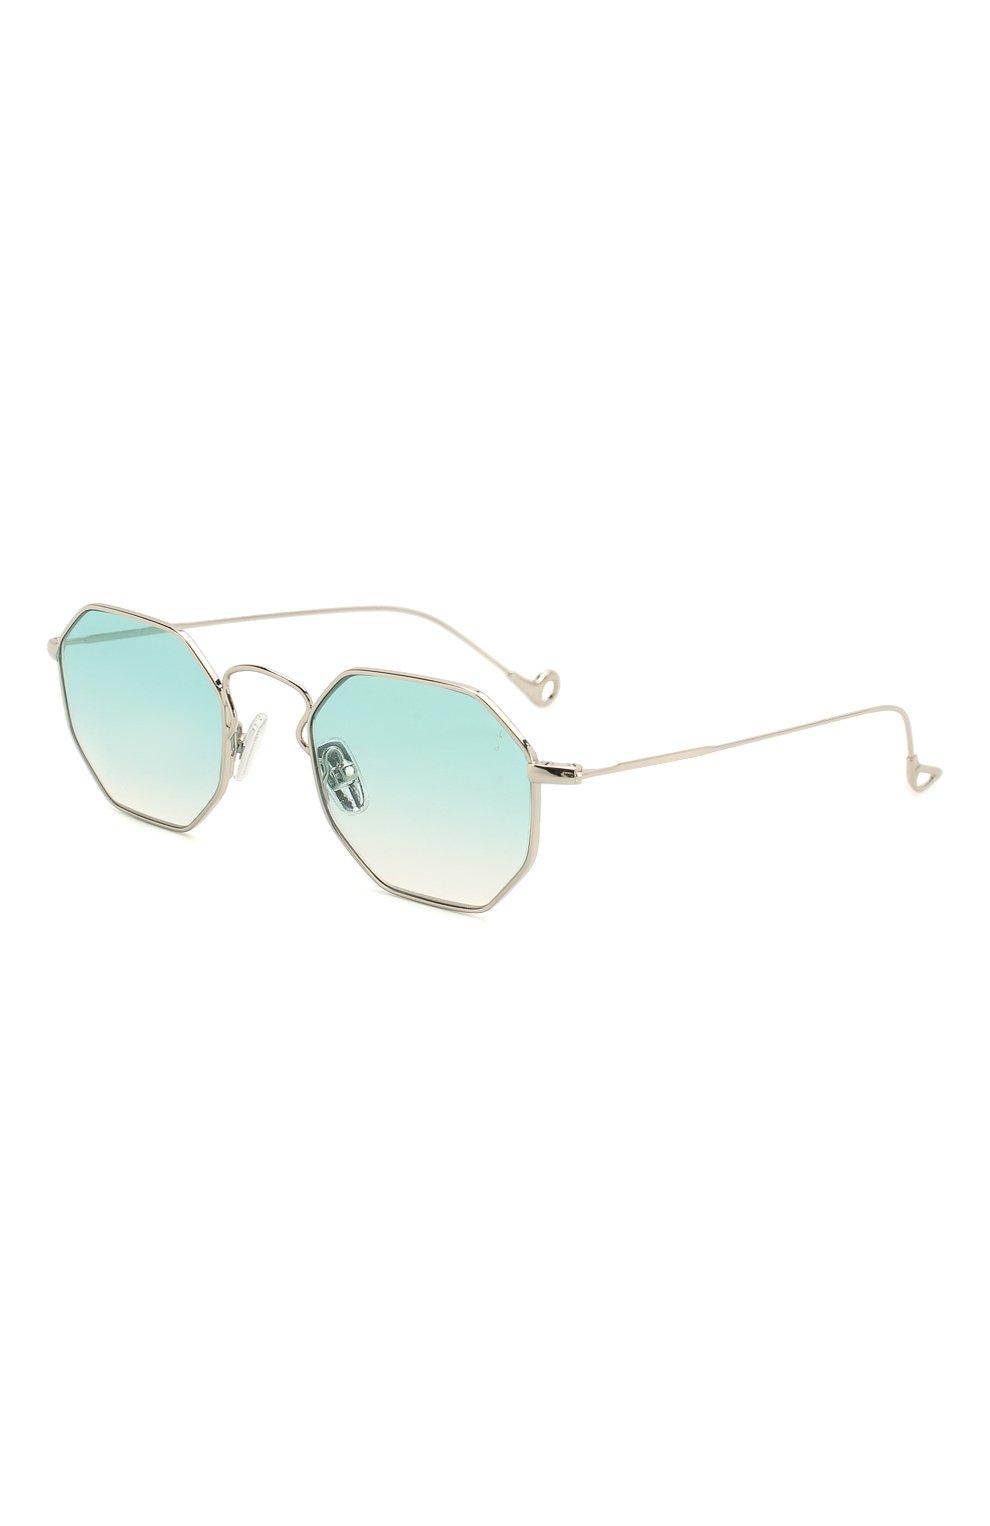 Женские солнцезащитные очки EYEPETIZER голубого цвета, арт. CLAIRE 1-21 | Фото 1 (Тип очков: С/з; Очки форма: Креативные, Прямоугольные; Оптика Гендер: оптика-унисекс)